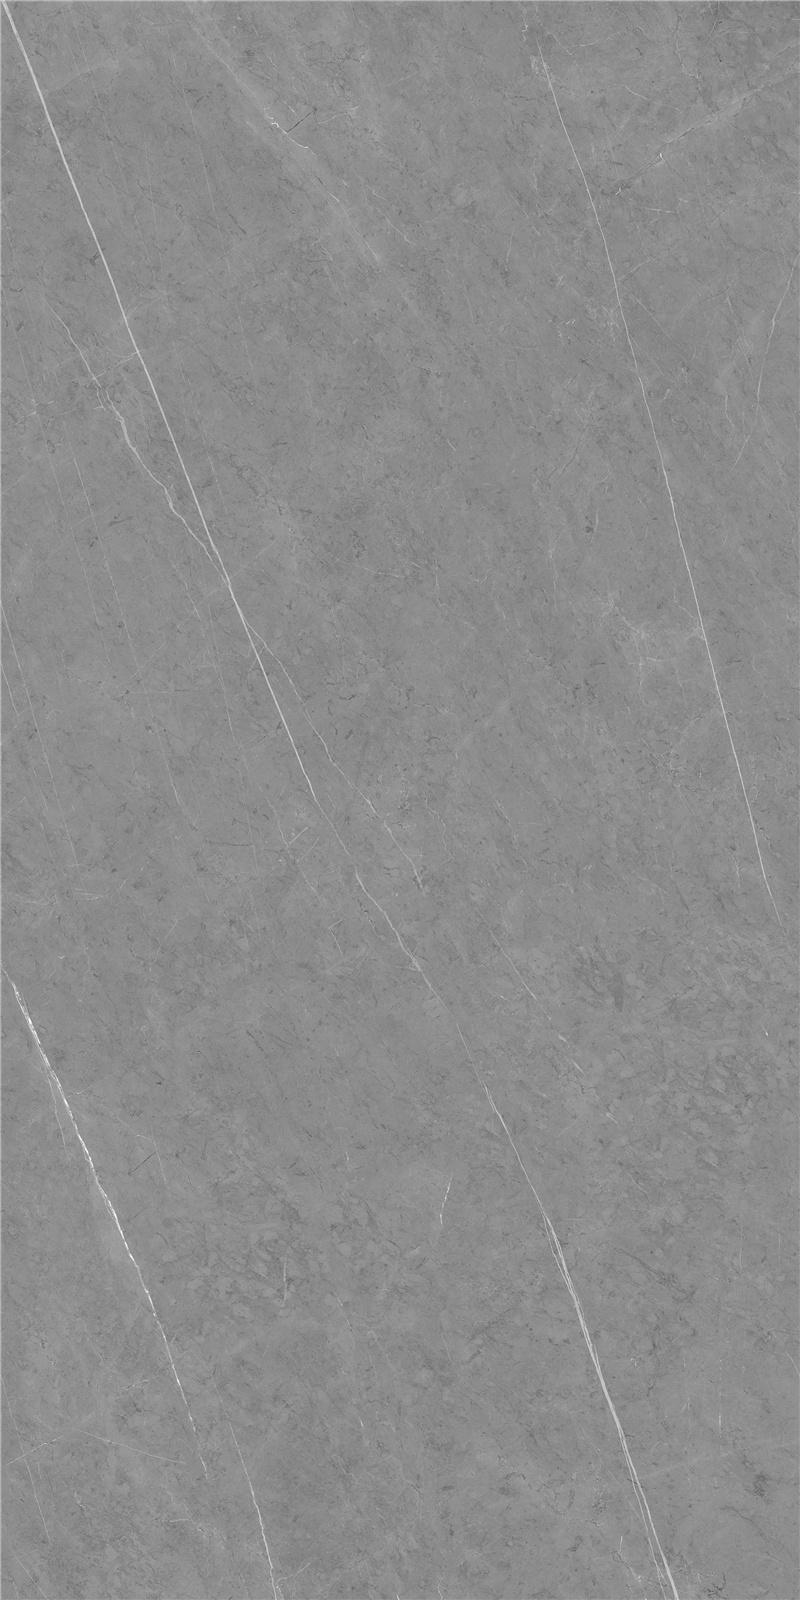 金沙网络娱乐-9-HPG2412A031保加利亚灰